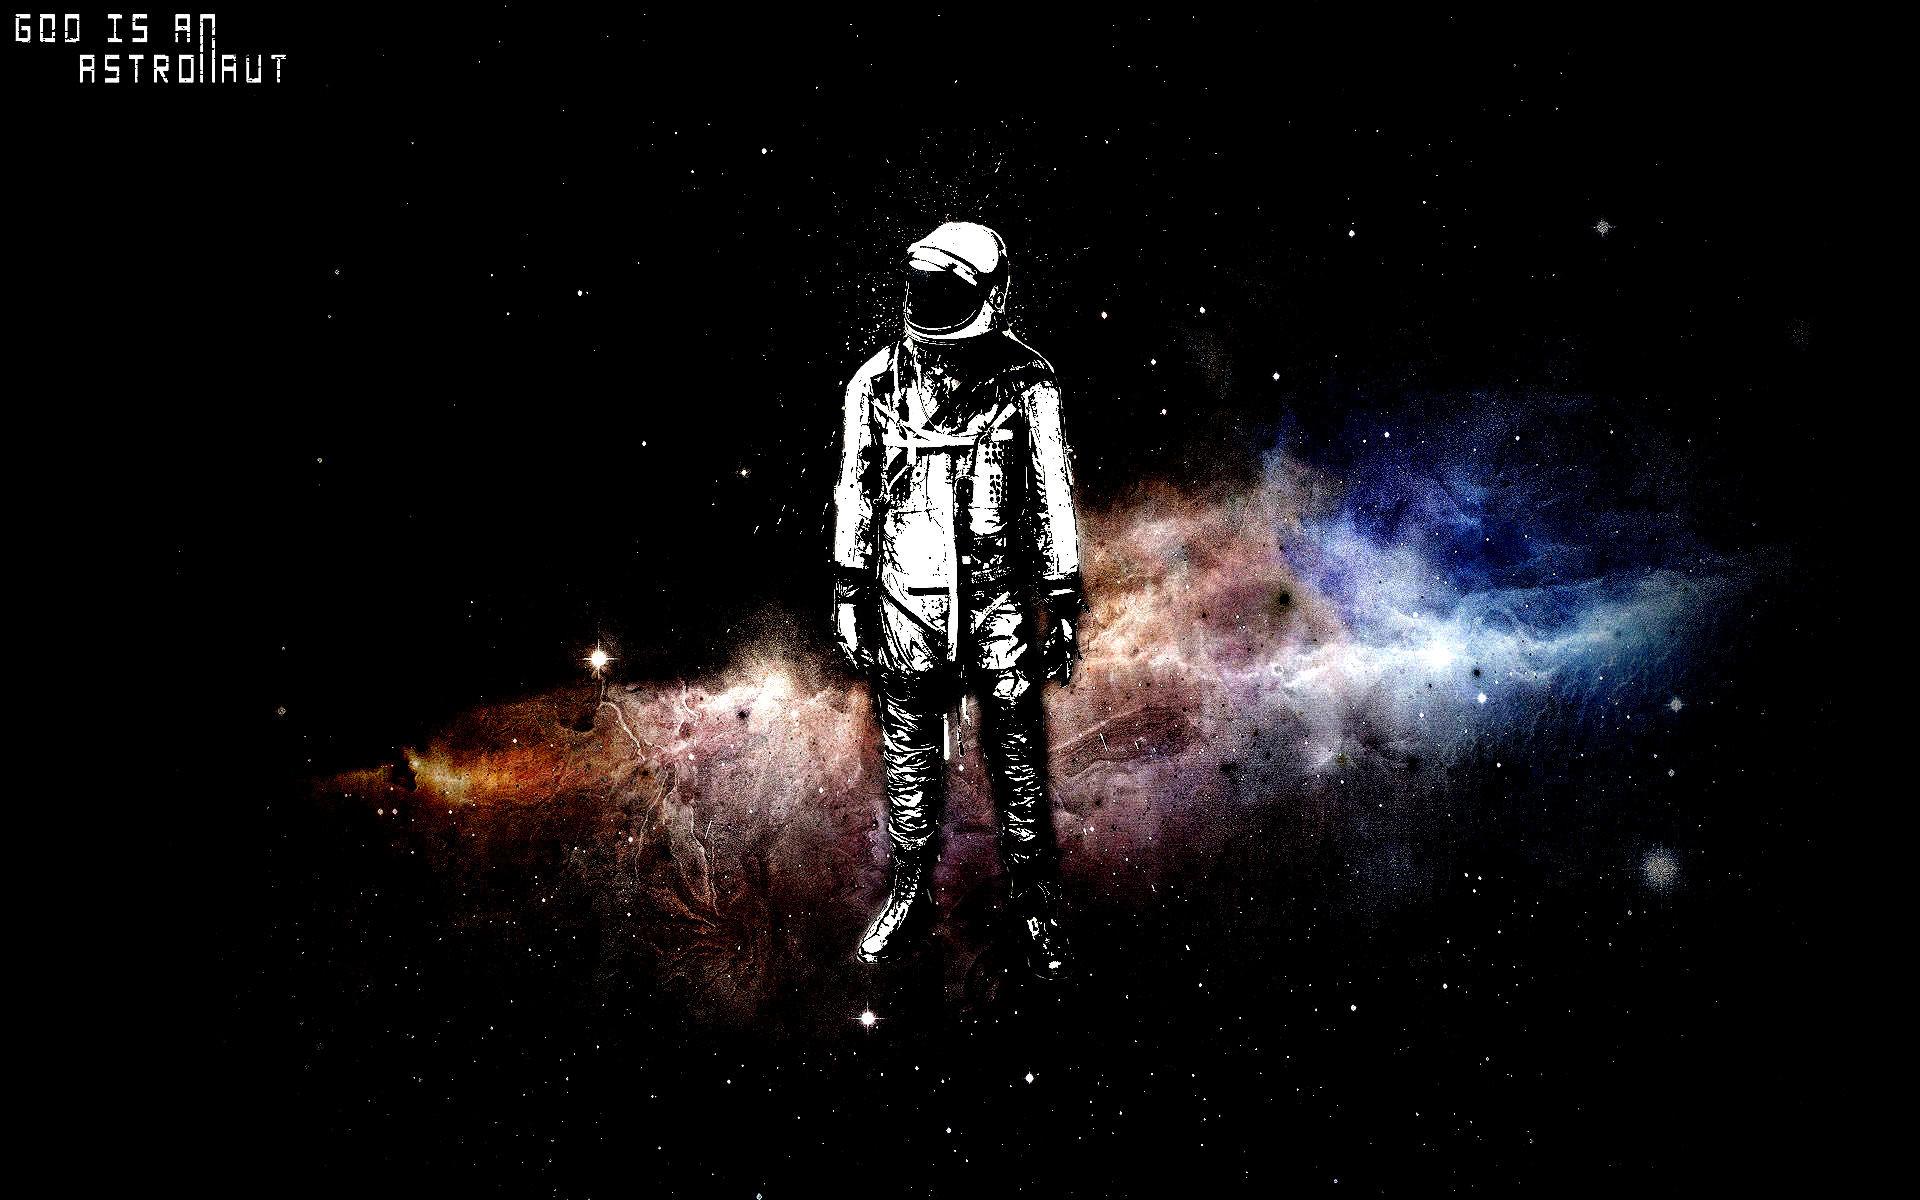 HD Astronaut Wallpapers – Wallpapercraft